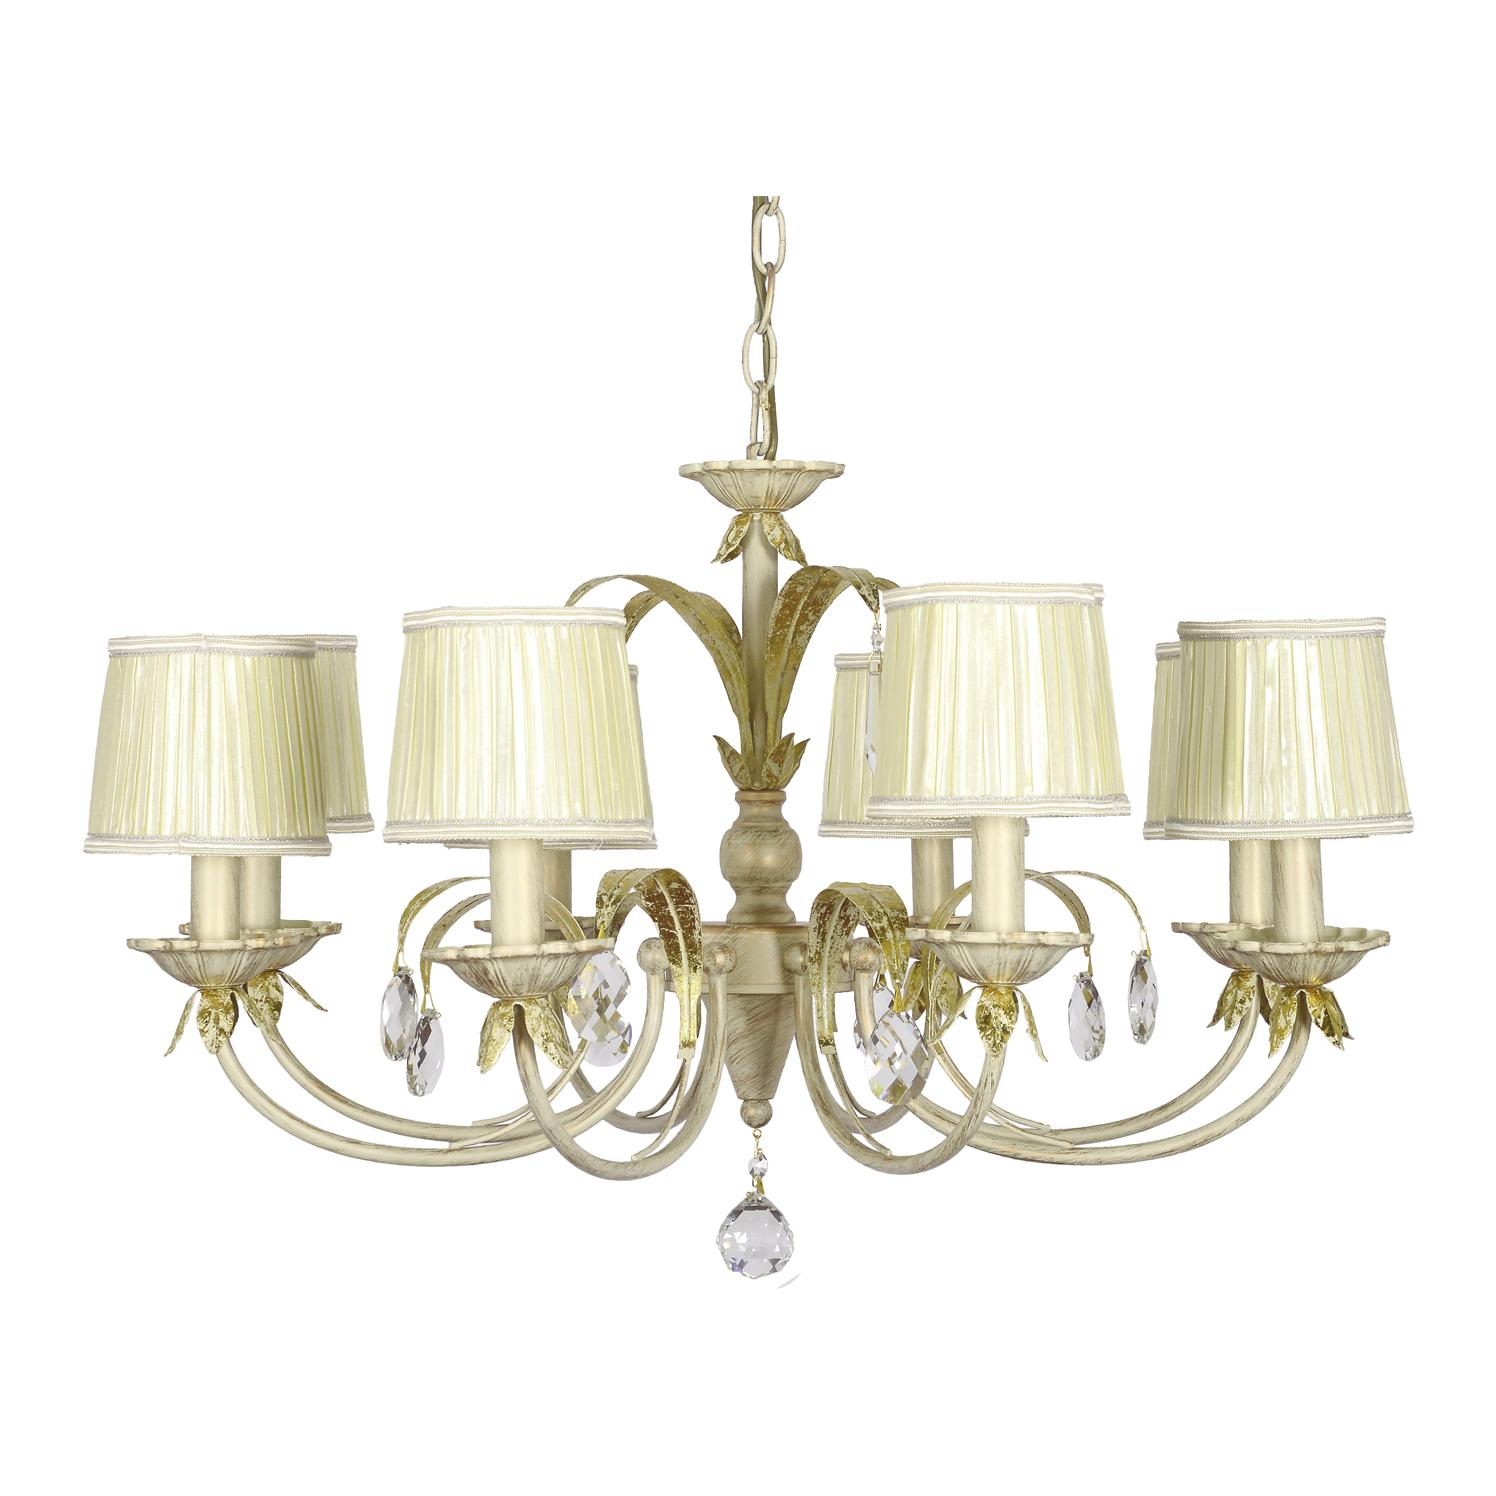 Фото - Люстра классика на цепиArti Lampadari GALERA E 1.1.8 CG люстра arti lampadari roana e 1 1 8 cg e14 320 вт